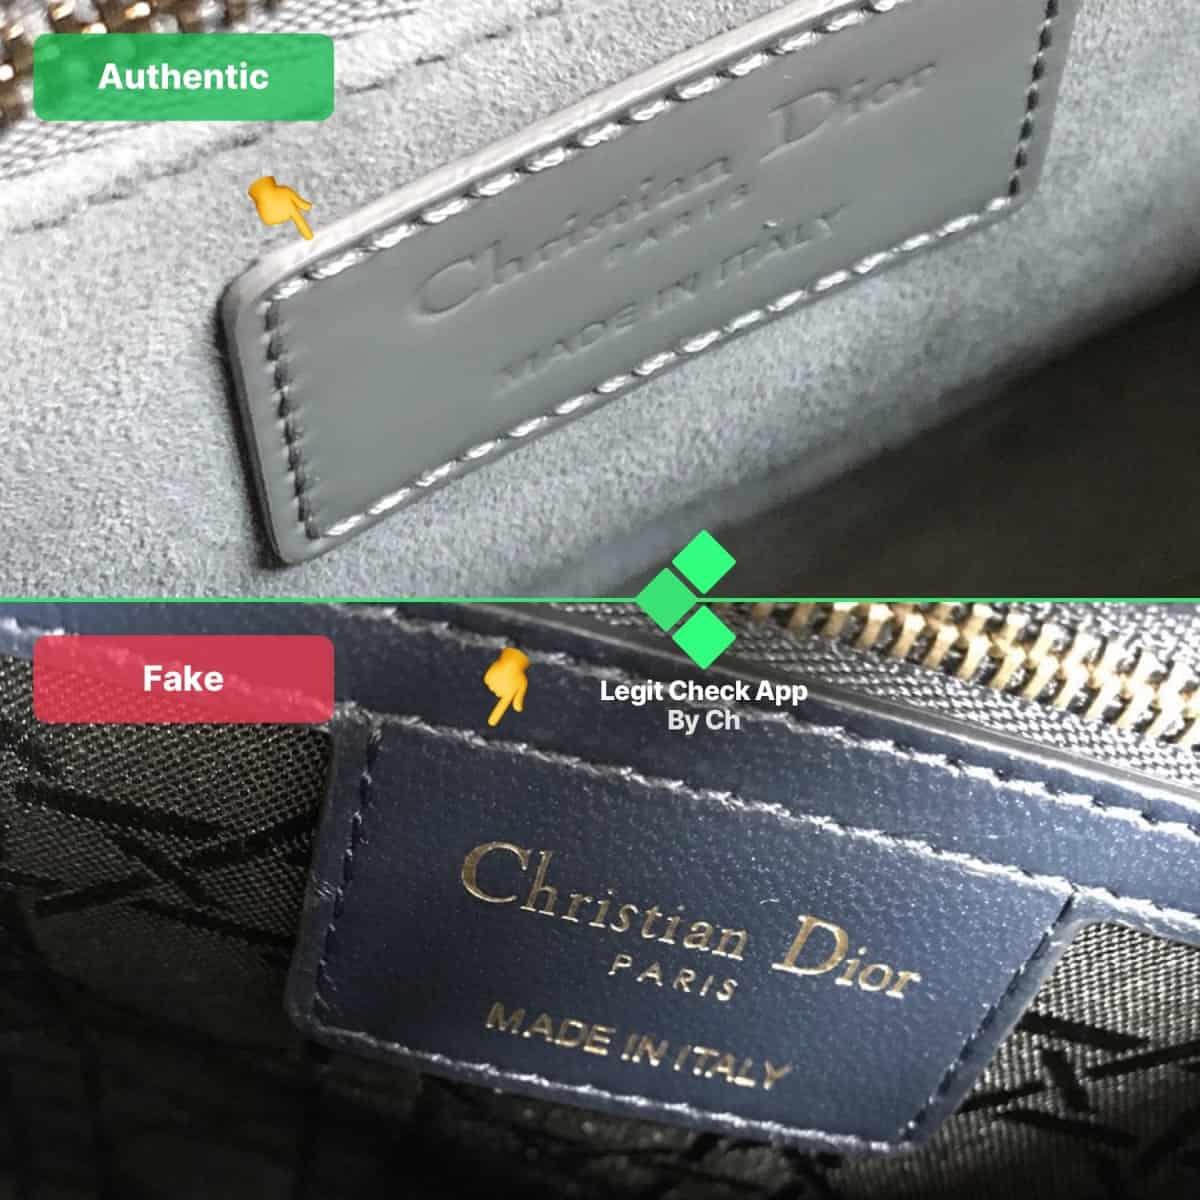 fake vs real dior bag